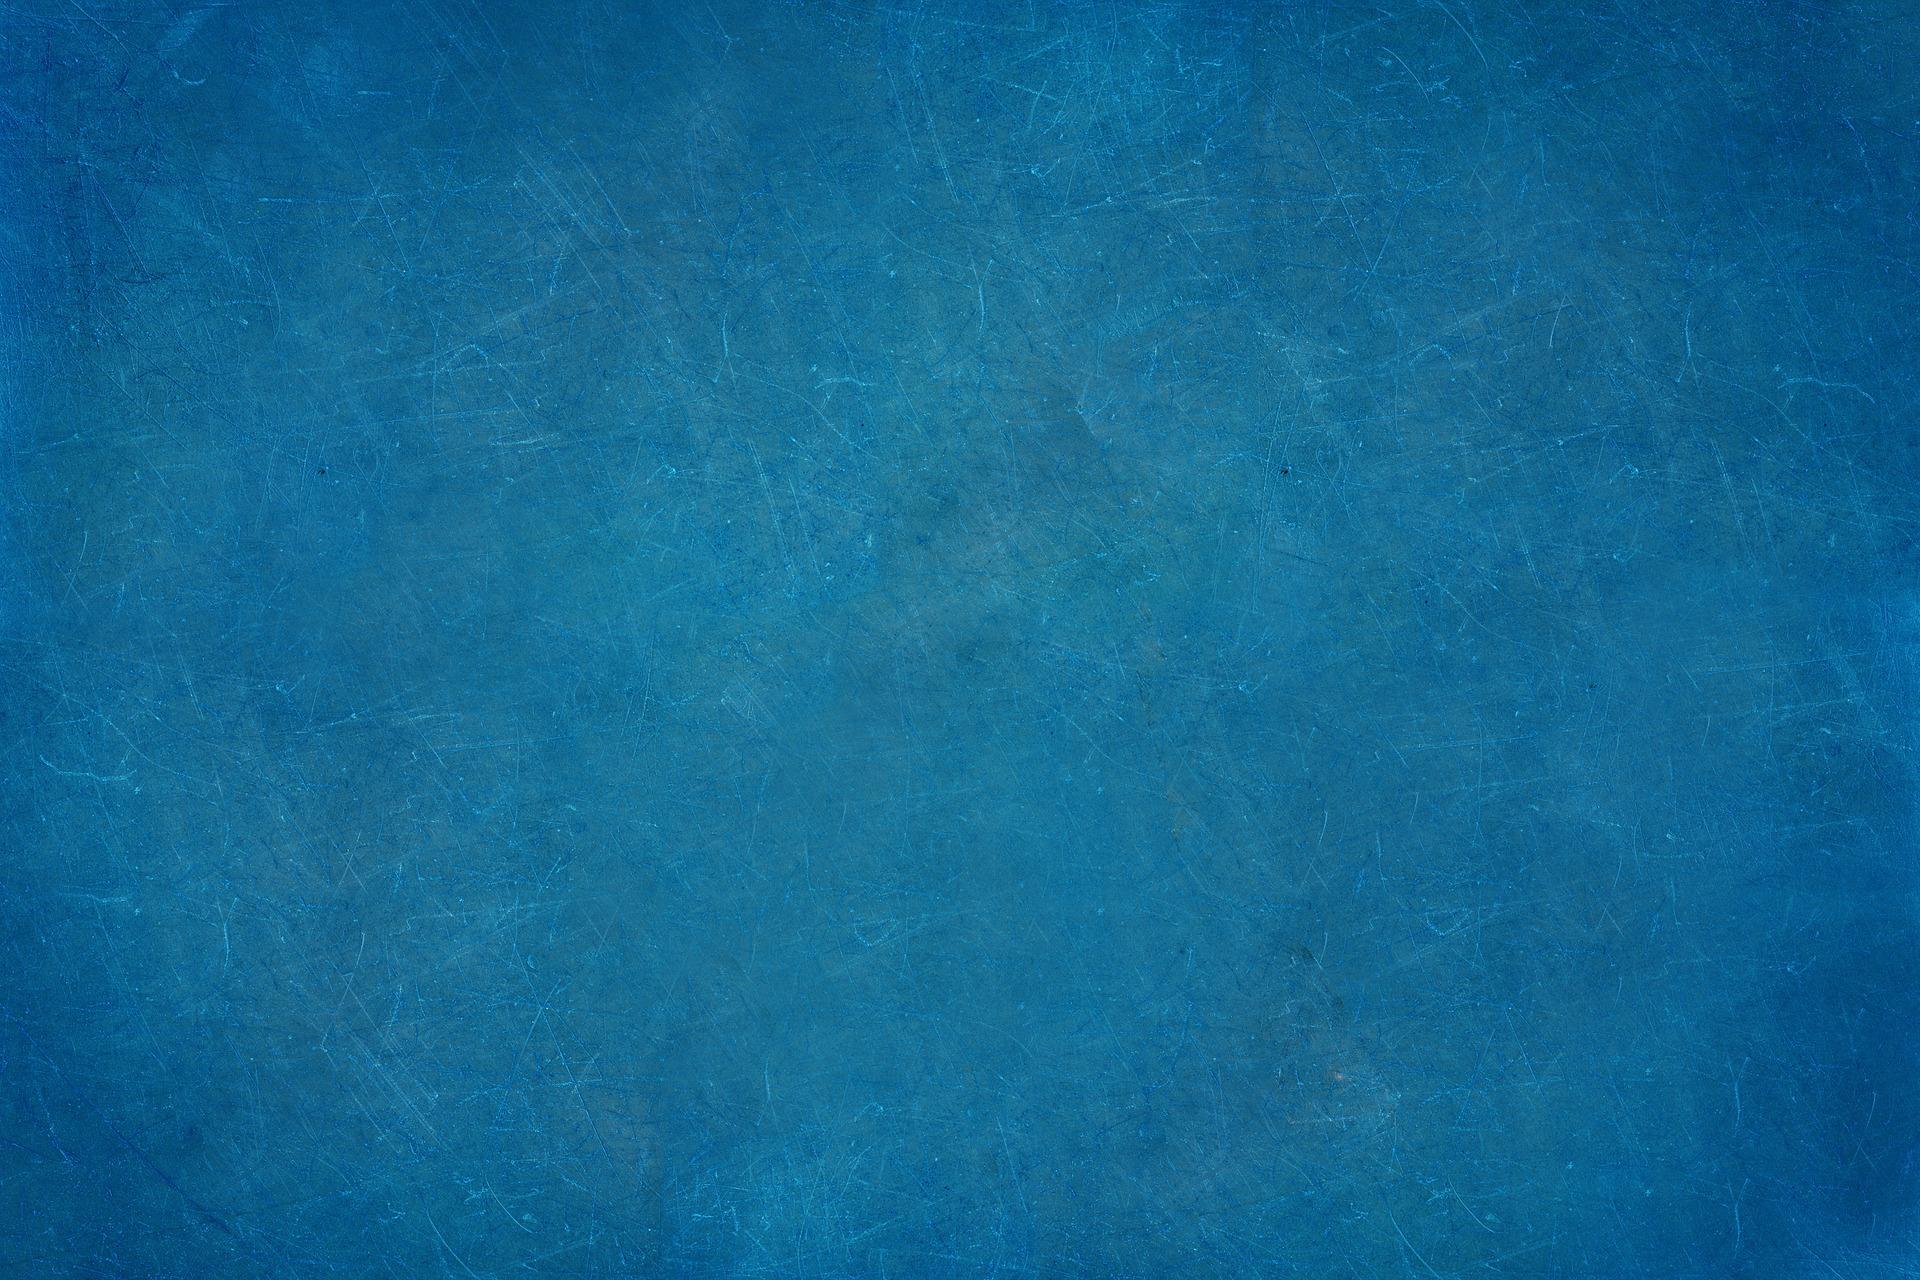 blue back ground image